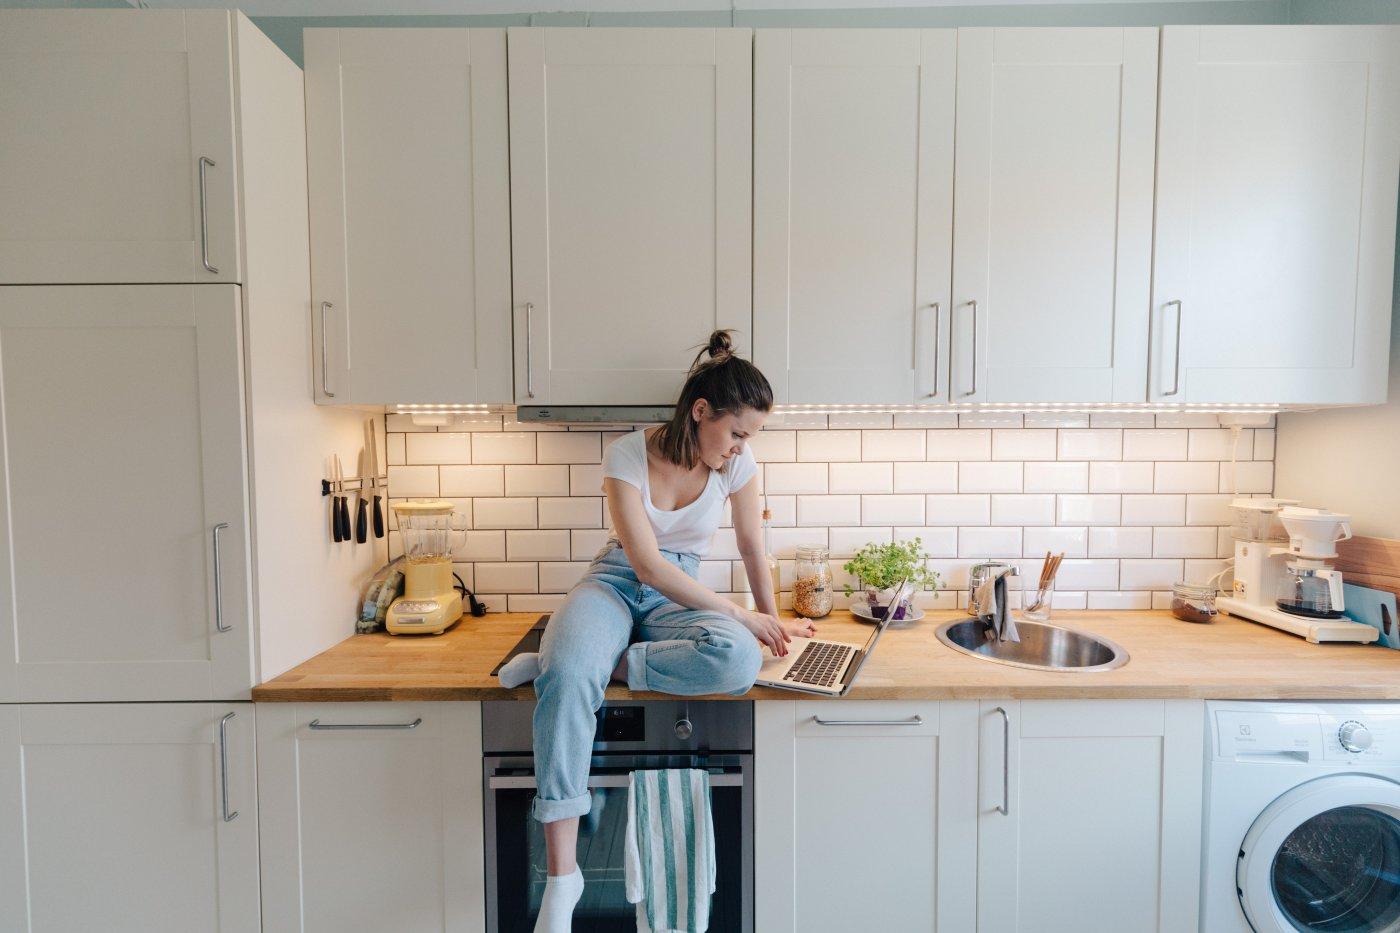 kvinne sitter på data på kjøkkenbenk